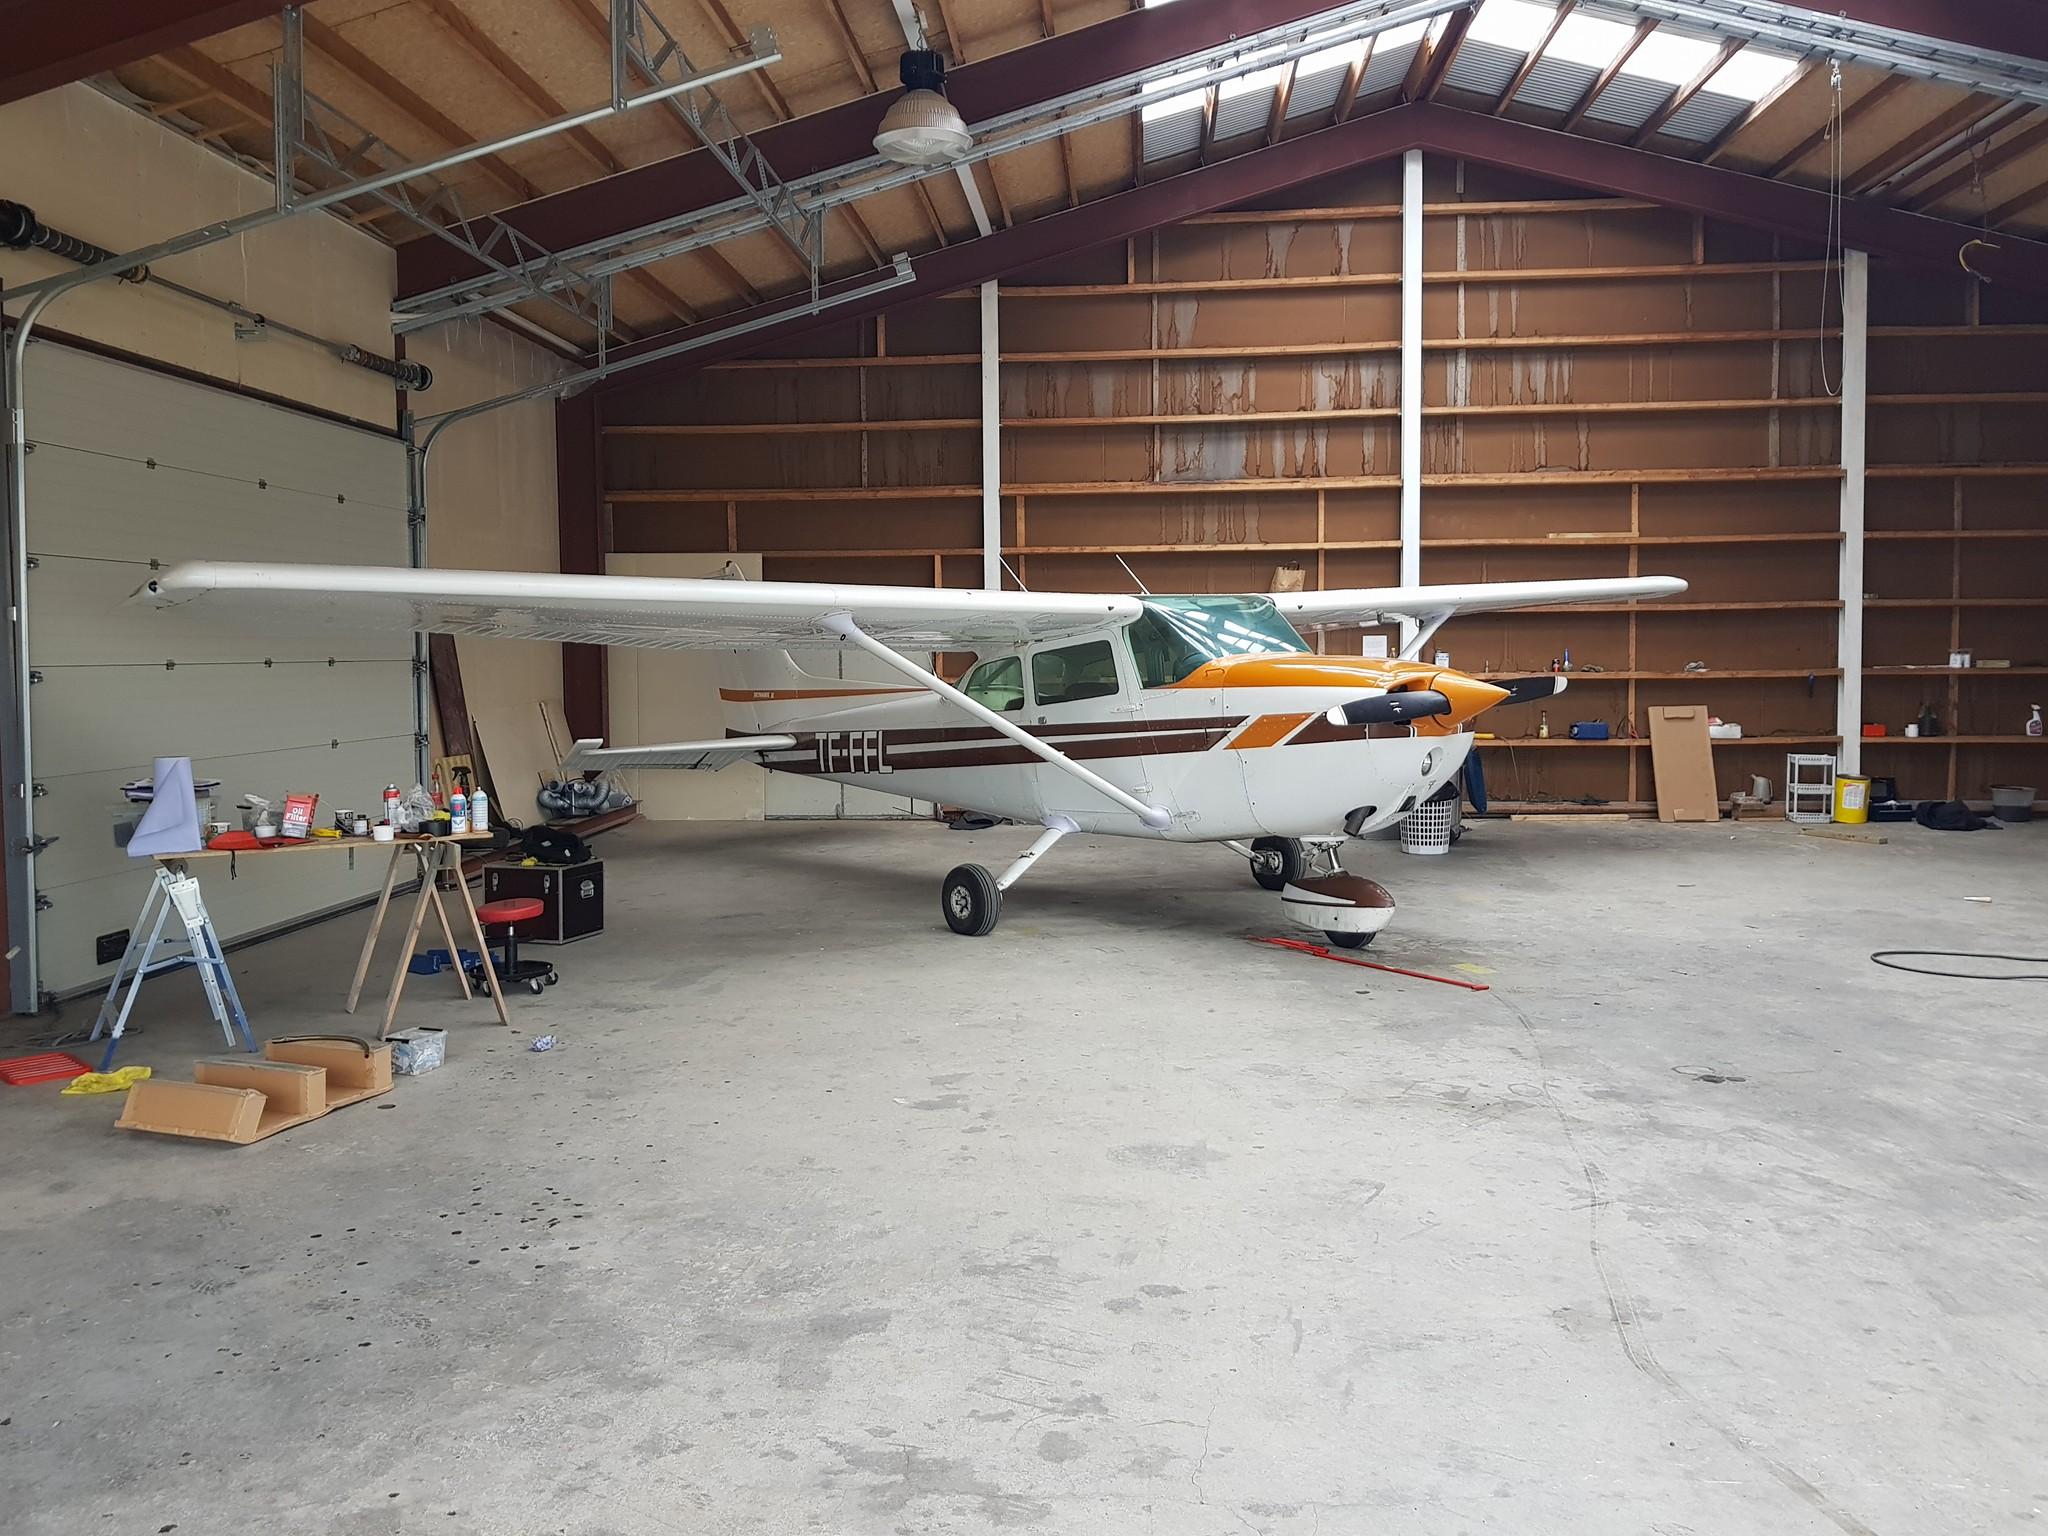 Reykjavik Flight Academy Cessna 172 reg. TF-FFL // Source: Vængir page on Facebook (Júlíus Björn Þórólfsson)